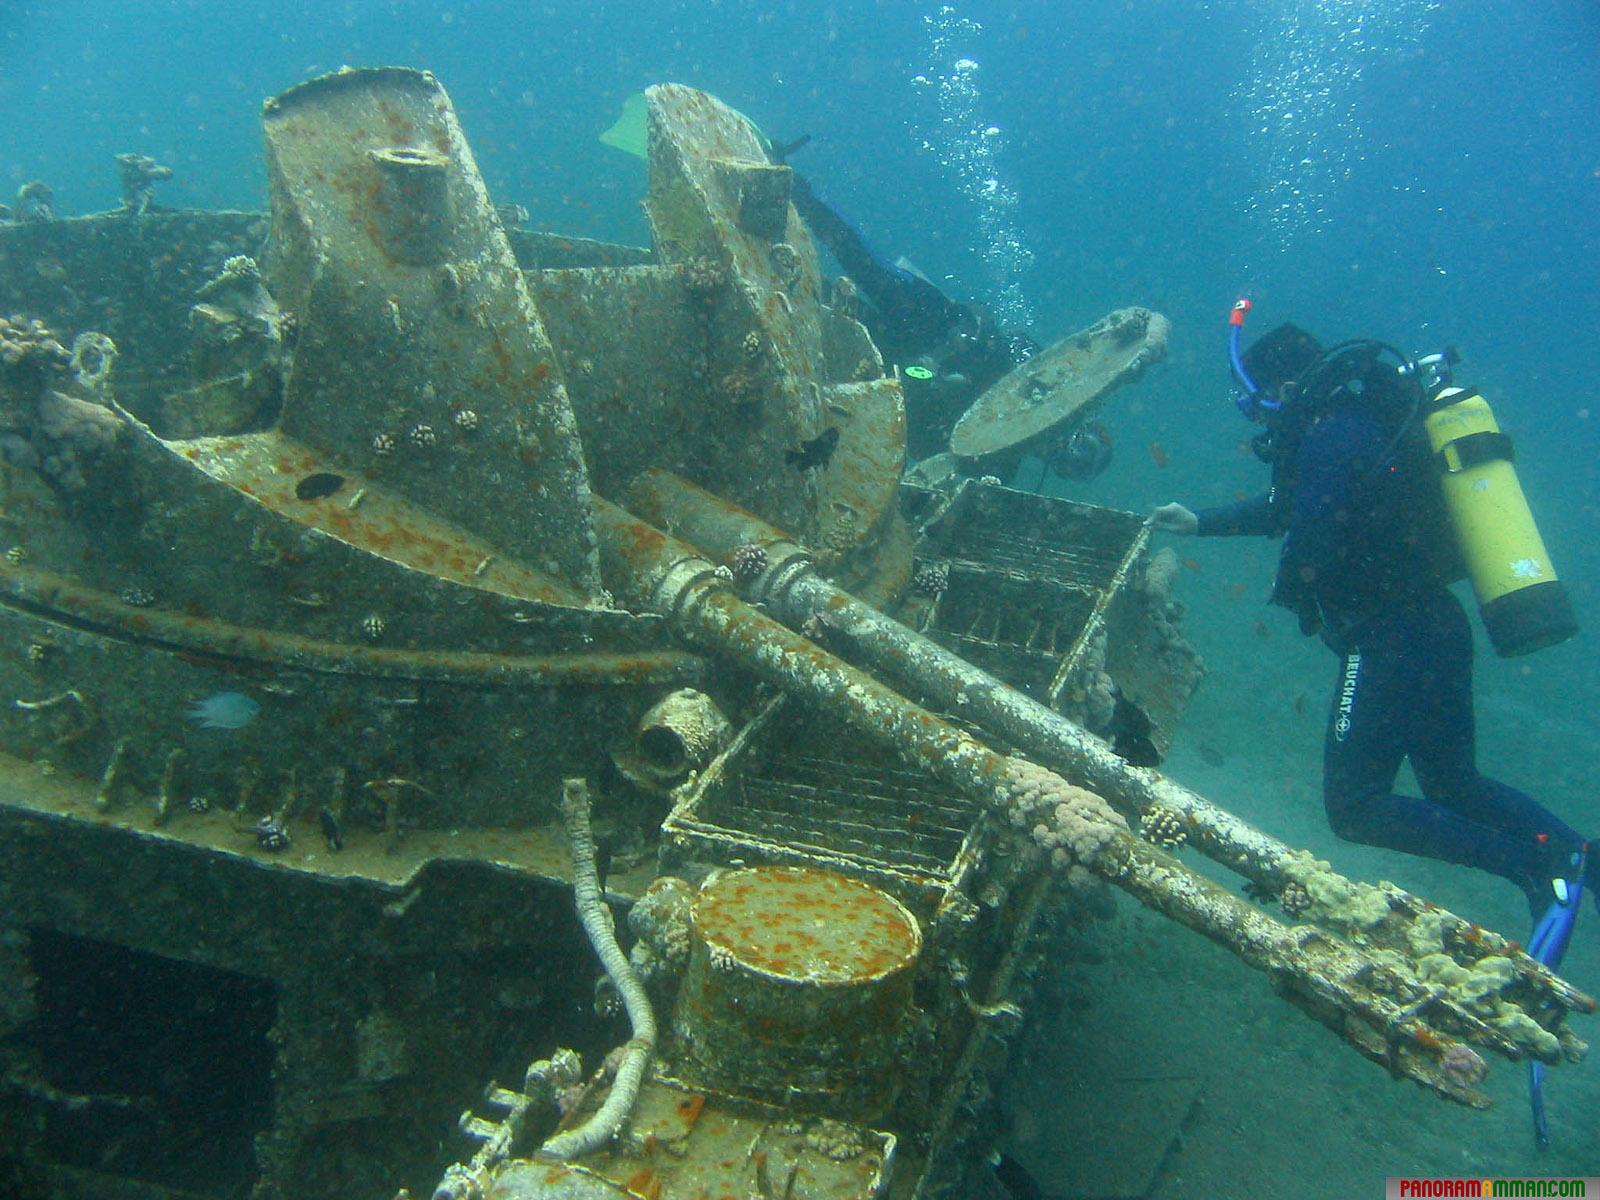 затонувшие корабли фото со спутника обычно